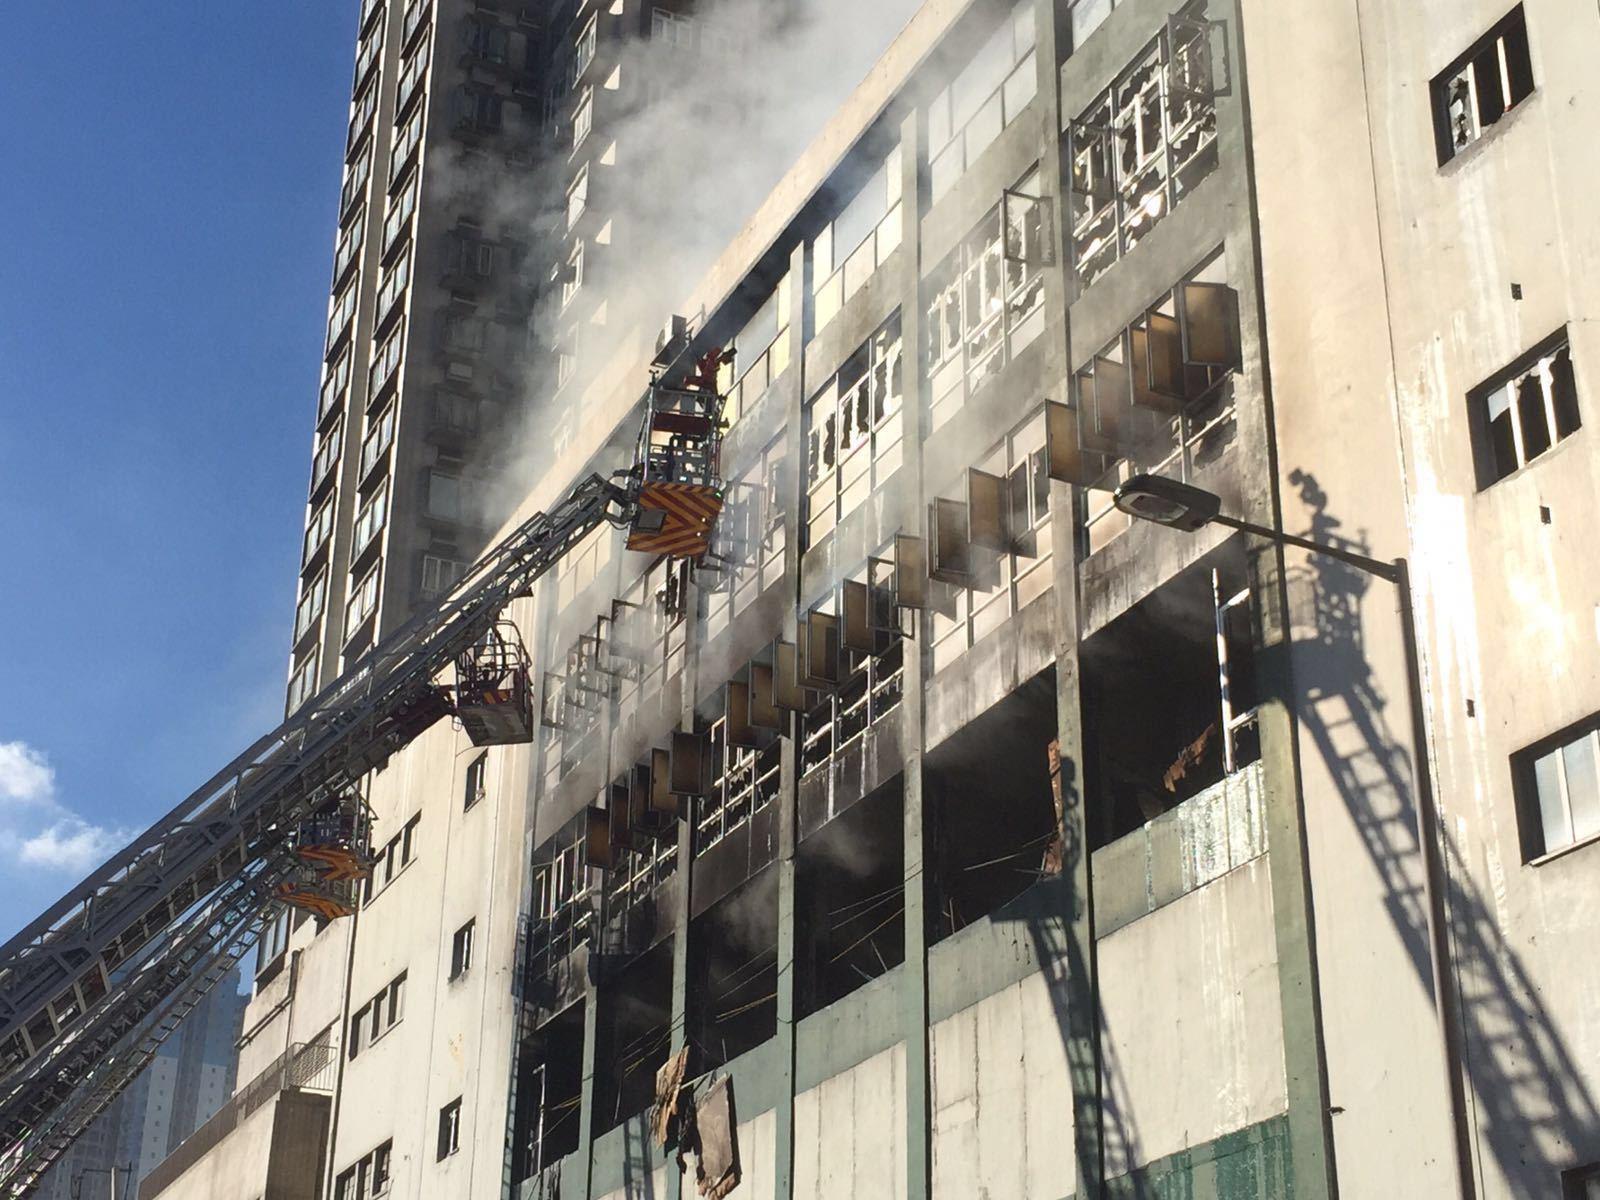 淘大工業村迷你倉四級火在焚燒60小時後仍未被撲熄,現場仍不斷冒出濃煙。(IMAG提供/Dennis Law攝影)